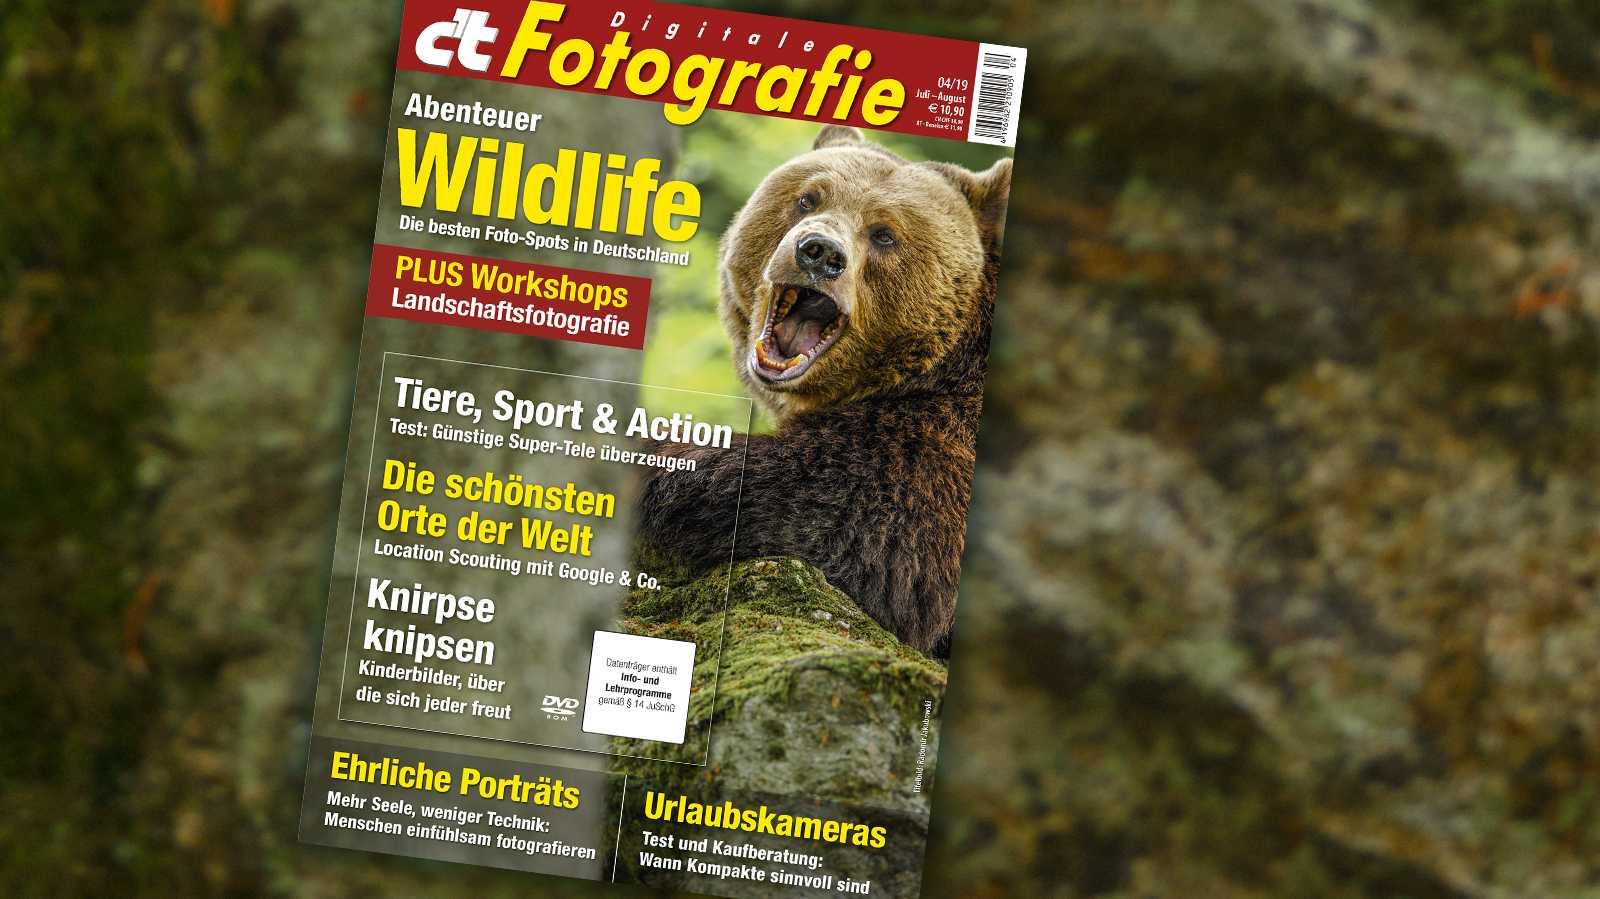 Wildlife – Die besten Foto-Locations für Wildtierfotografen